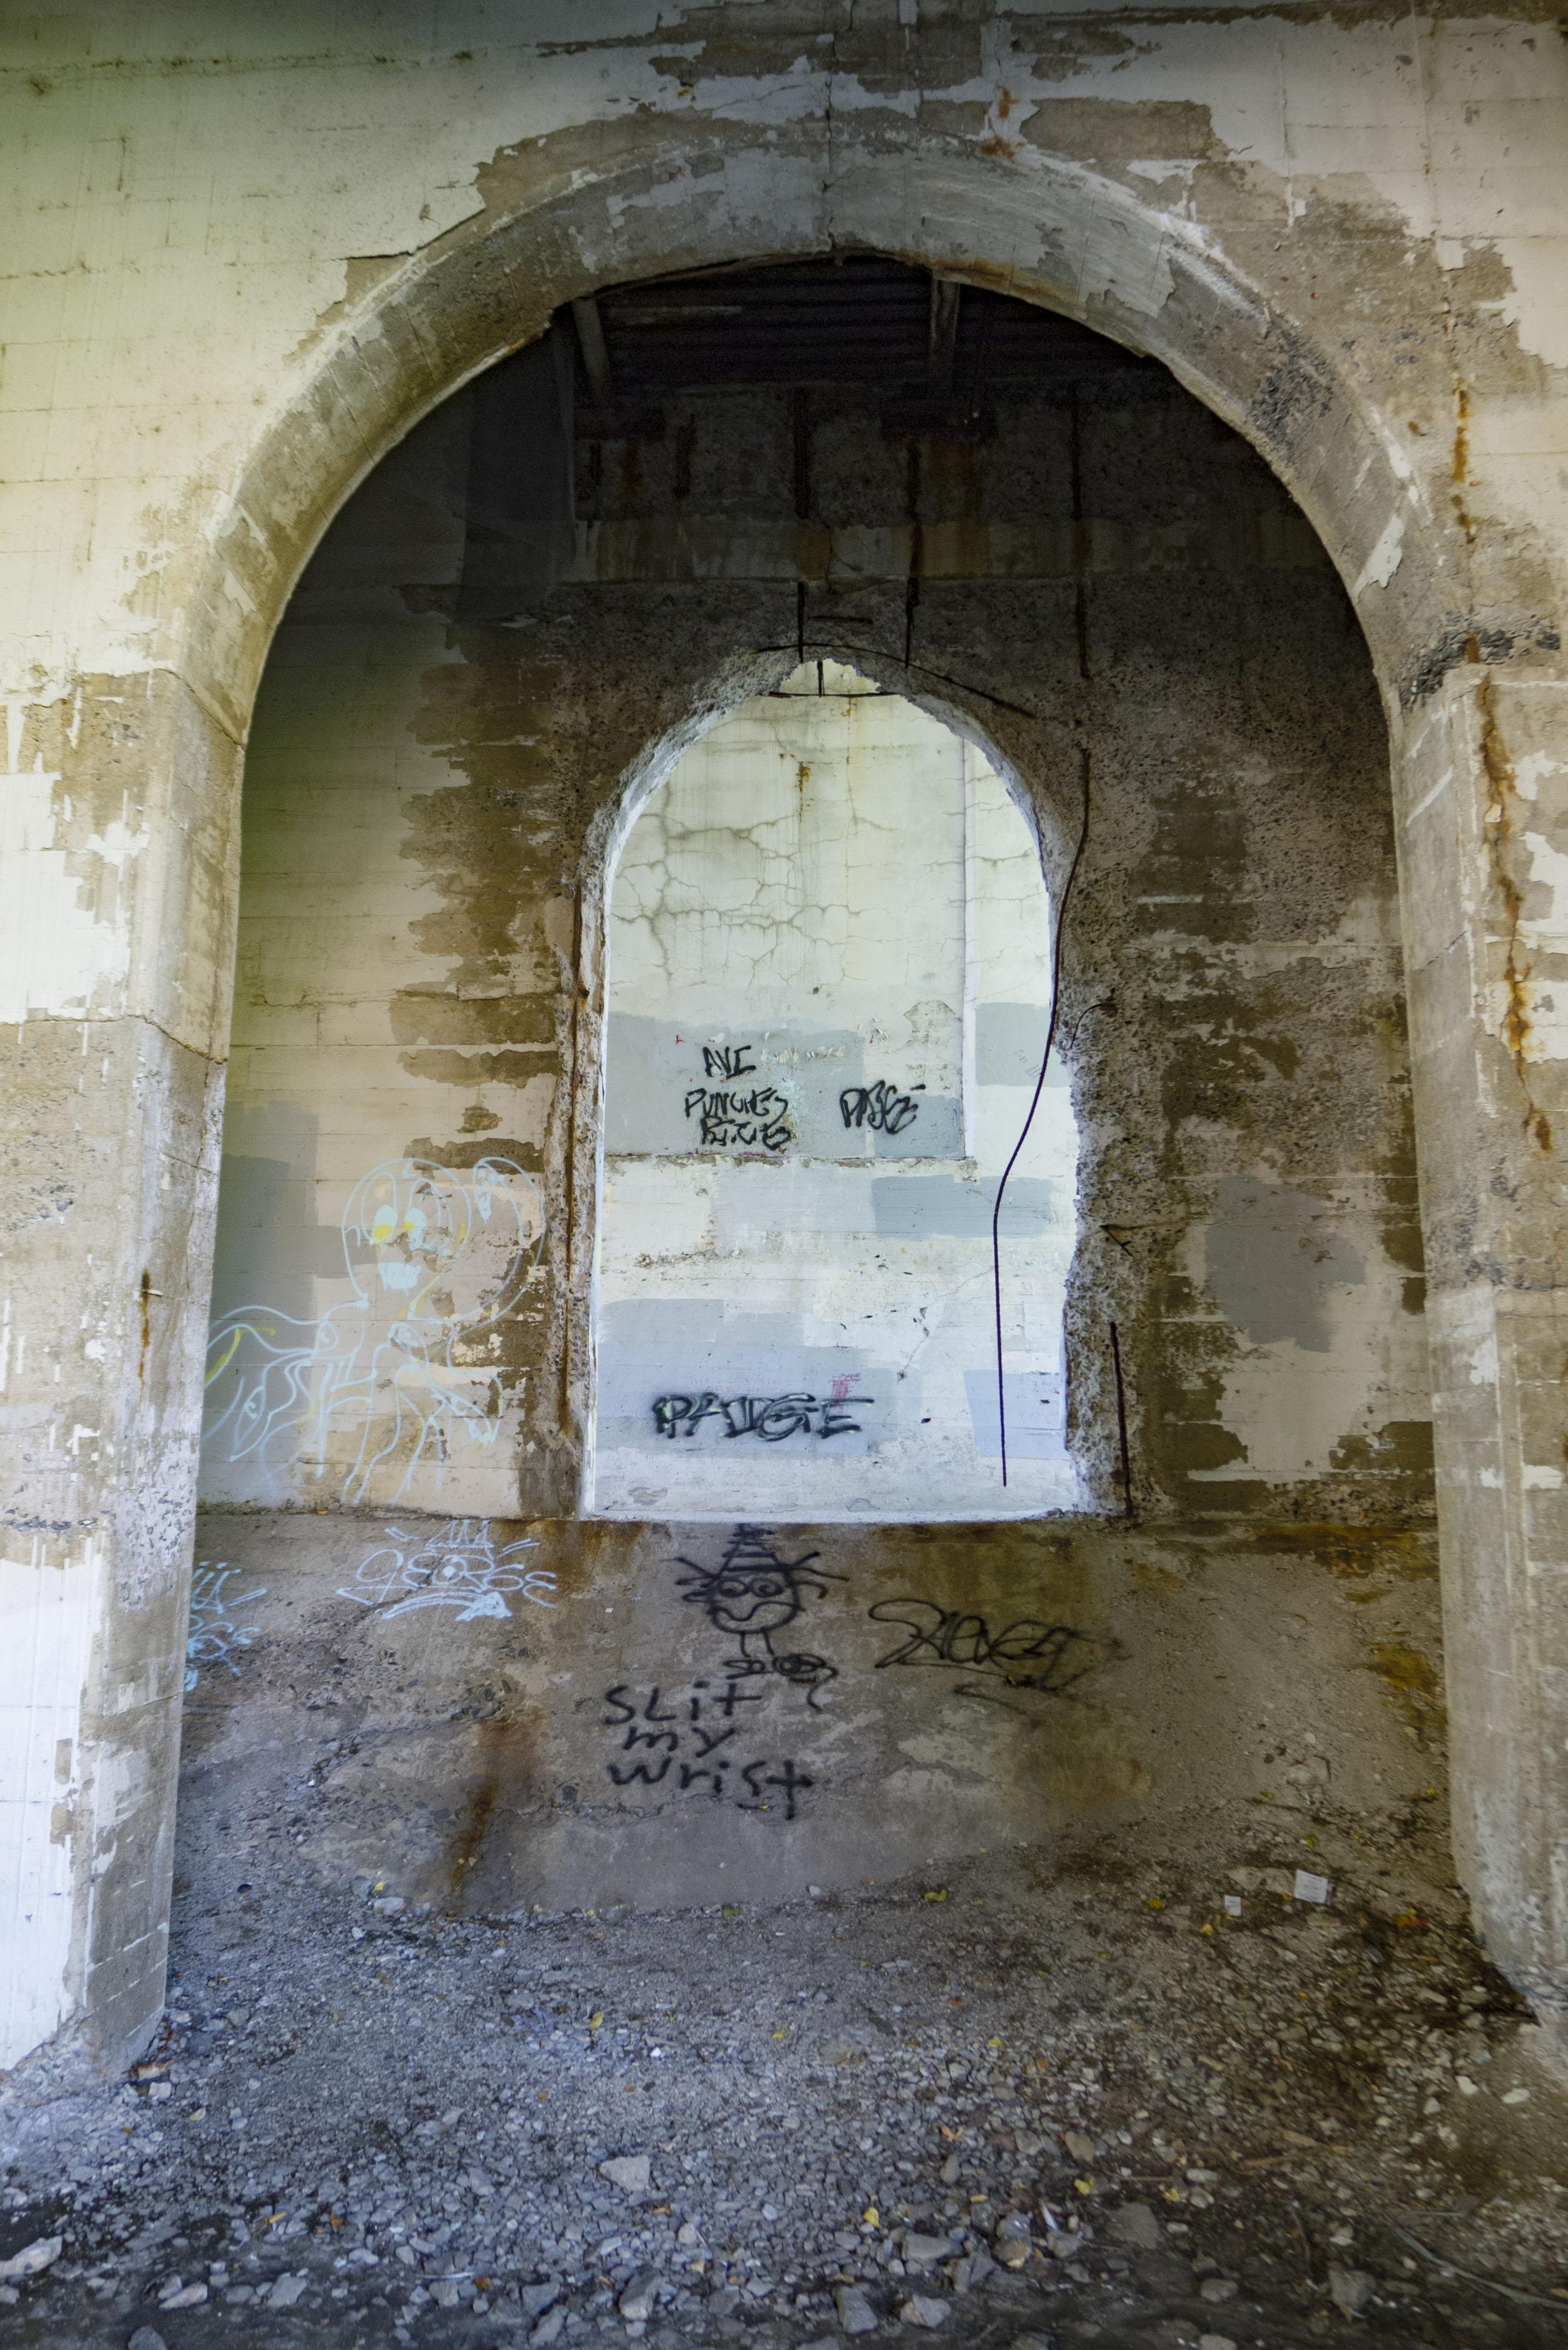 Hintergrundbilder : Fenster, die Architektur, Mauer, Tür, Bogen ...